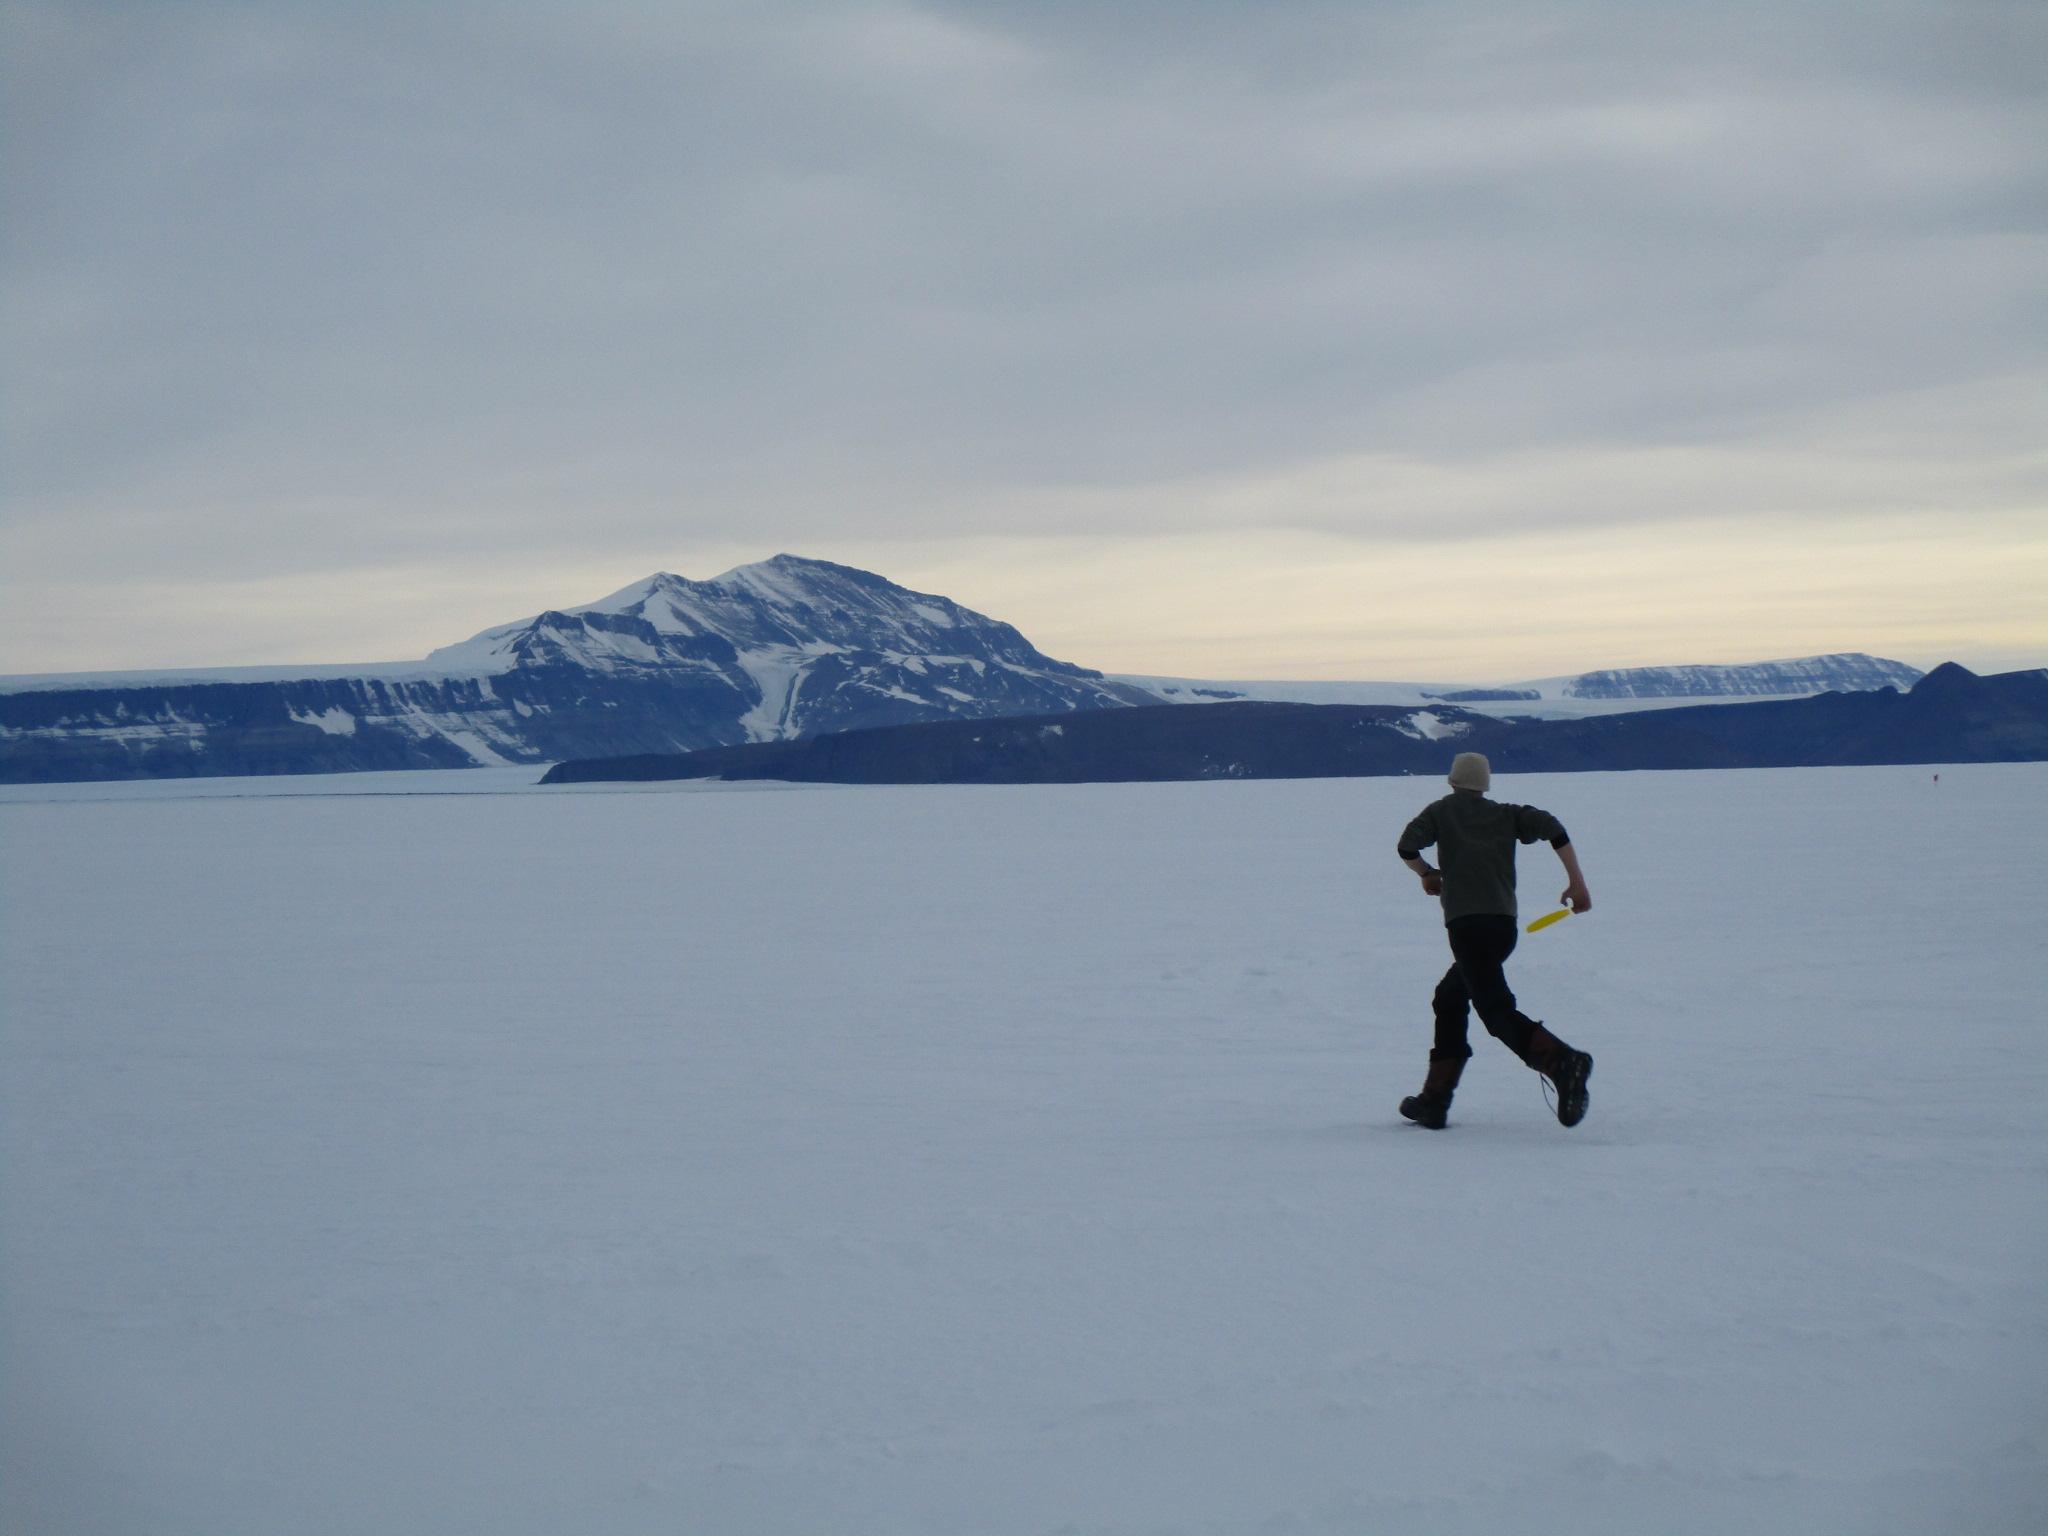 frisbee on Shackleton Glacier